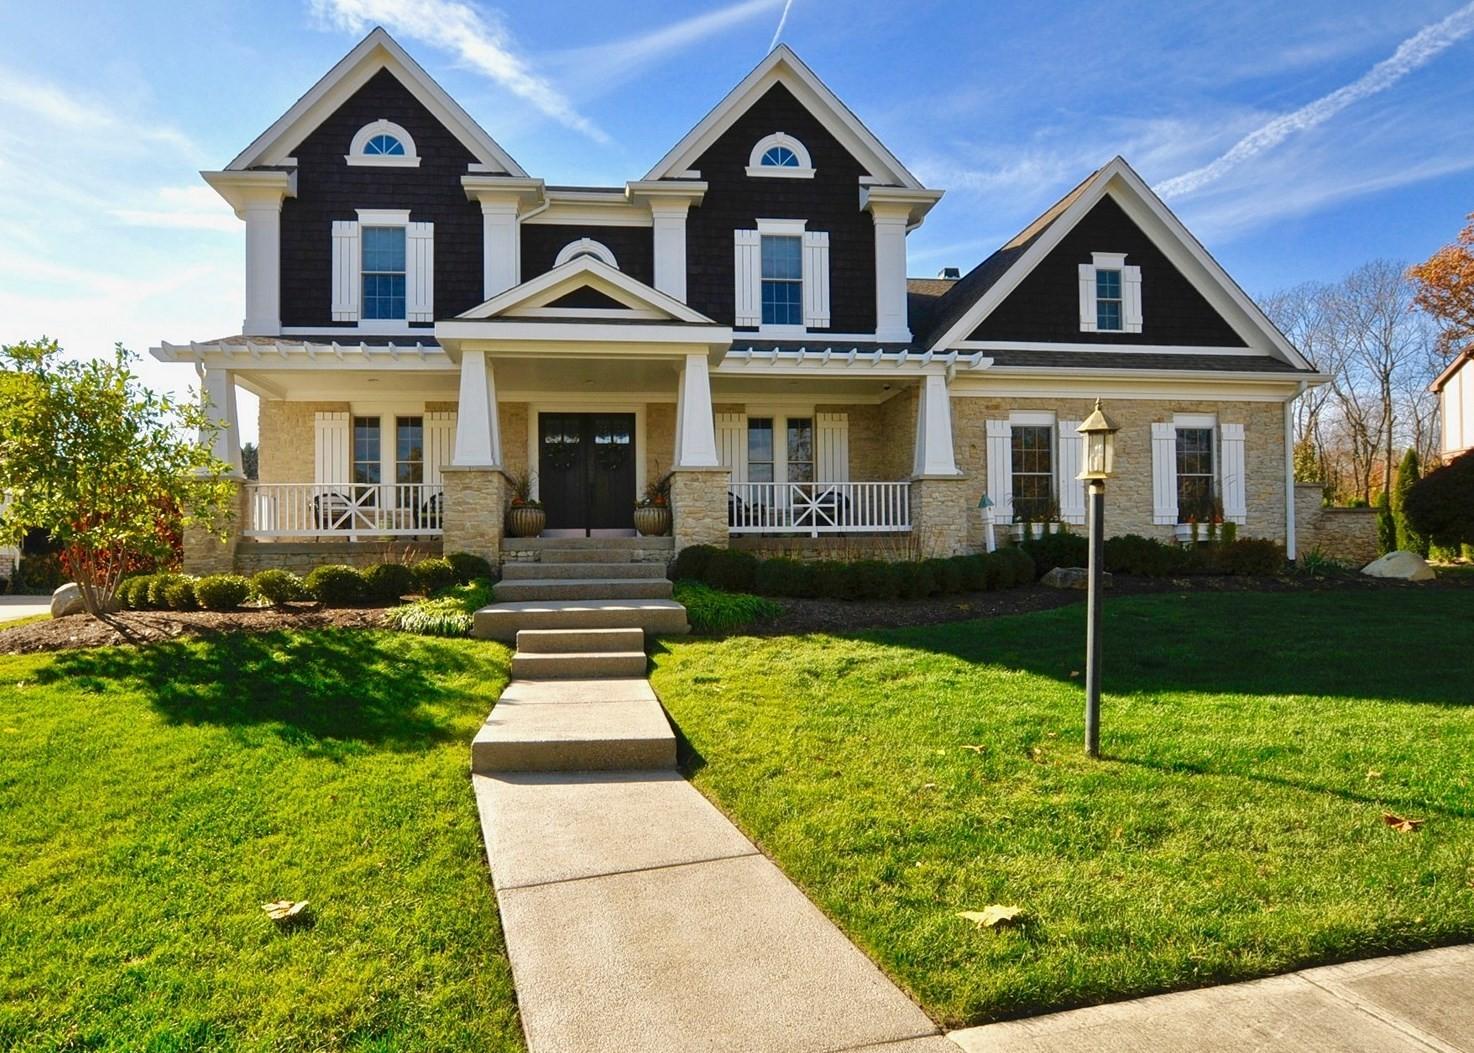 一戸建て のために 売買 アット Custom Arts & Craftsman Home 5331 Randolph Crescent Carmel, インディアナ, 46033 アメリカ合衆国